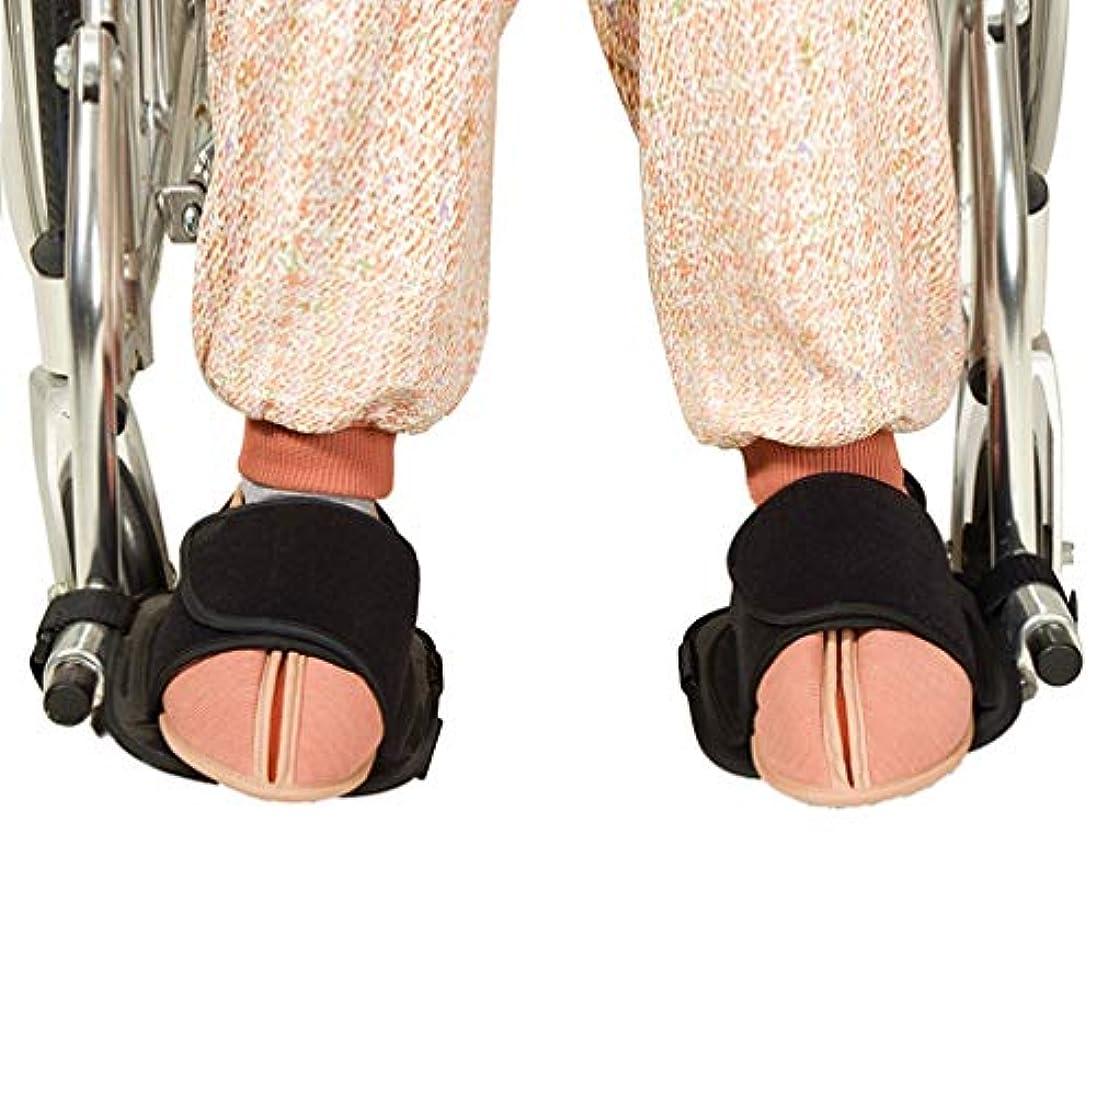 ゴミ箱確保する僕の車いす安全拘束靴 - メディカルフット滑り止めの試験官を - - 車椅子ペダルフット休符男性女性から滑り落ちるの足をキープ高齢患者ハンディキャップのために回復